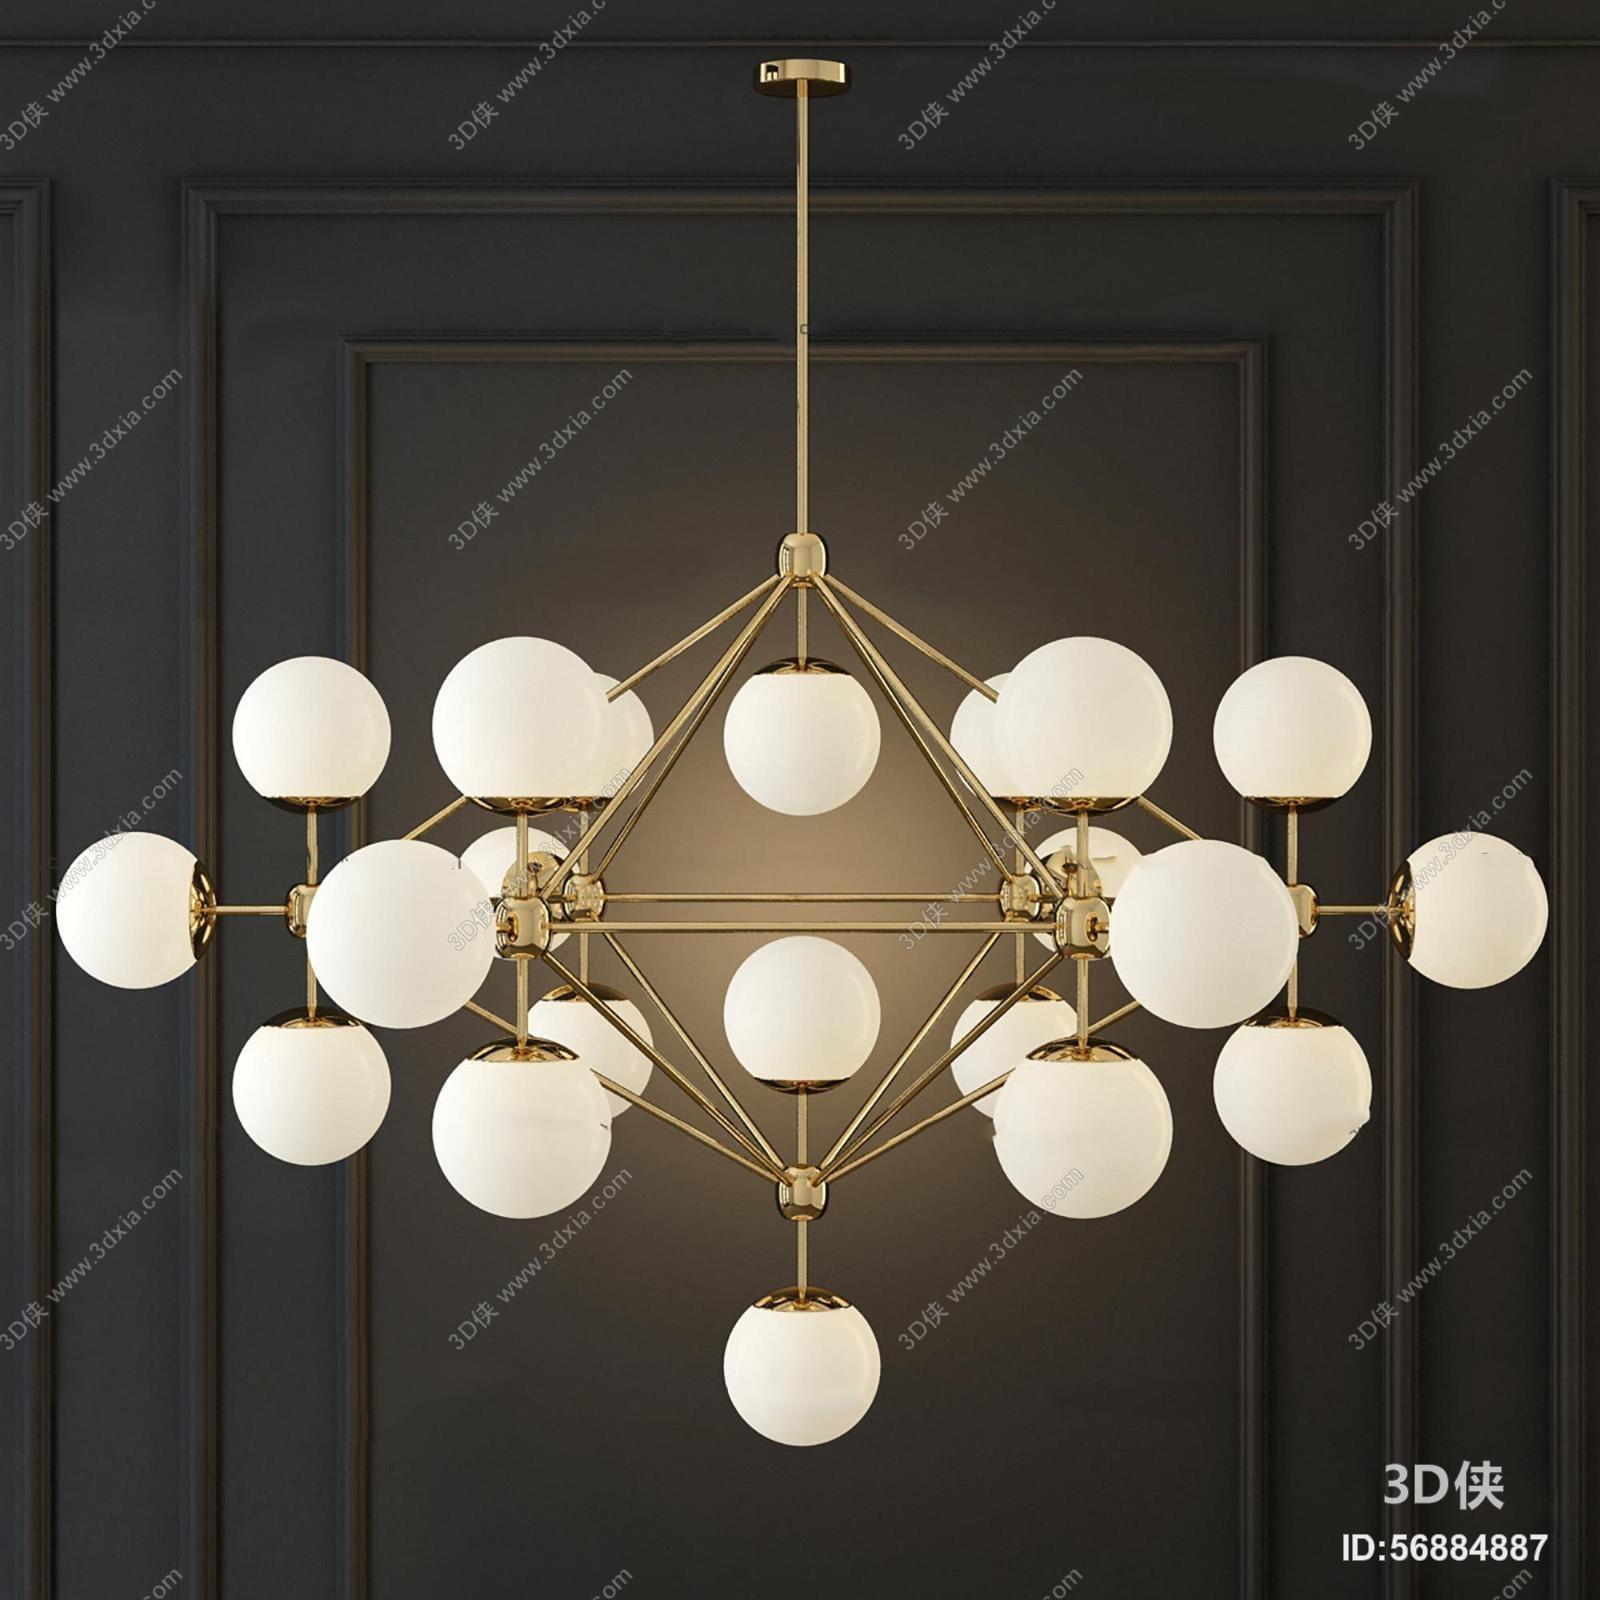 现代金属圆球吊灯3d模型【id:56884887】